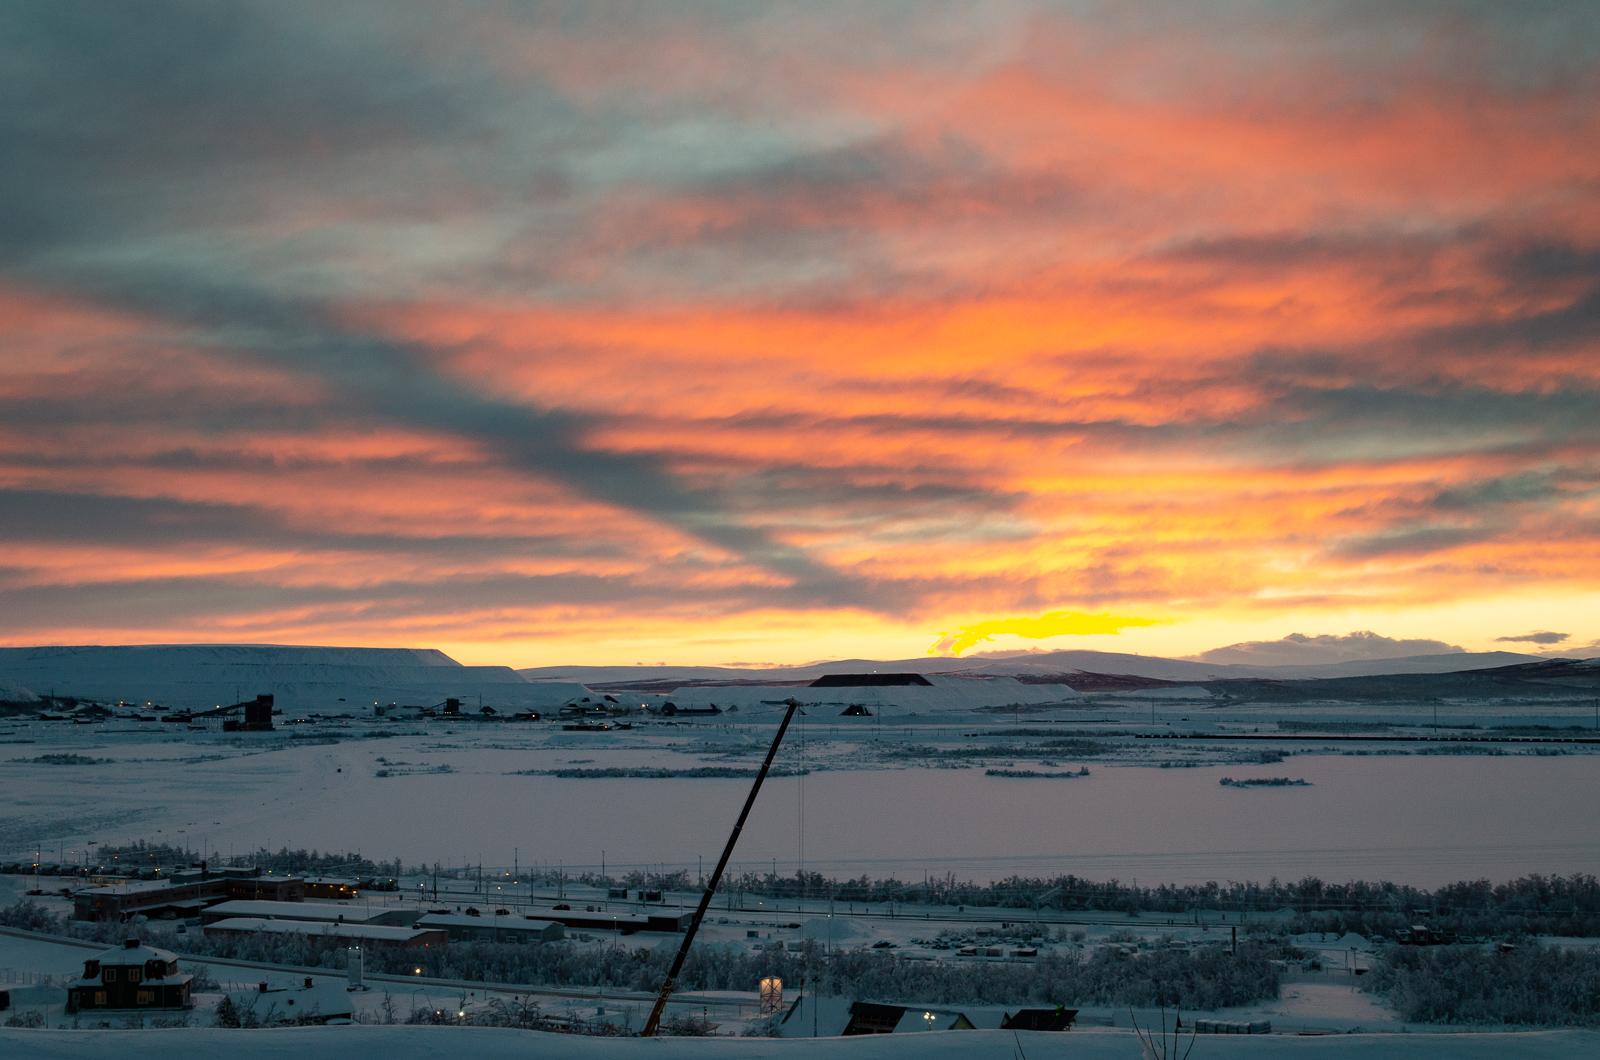 Kirunai látkép a naplementében